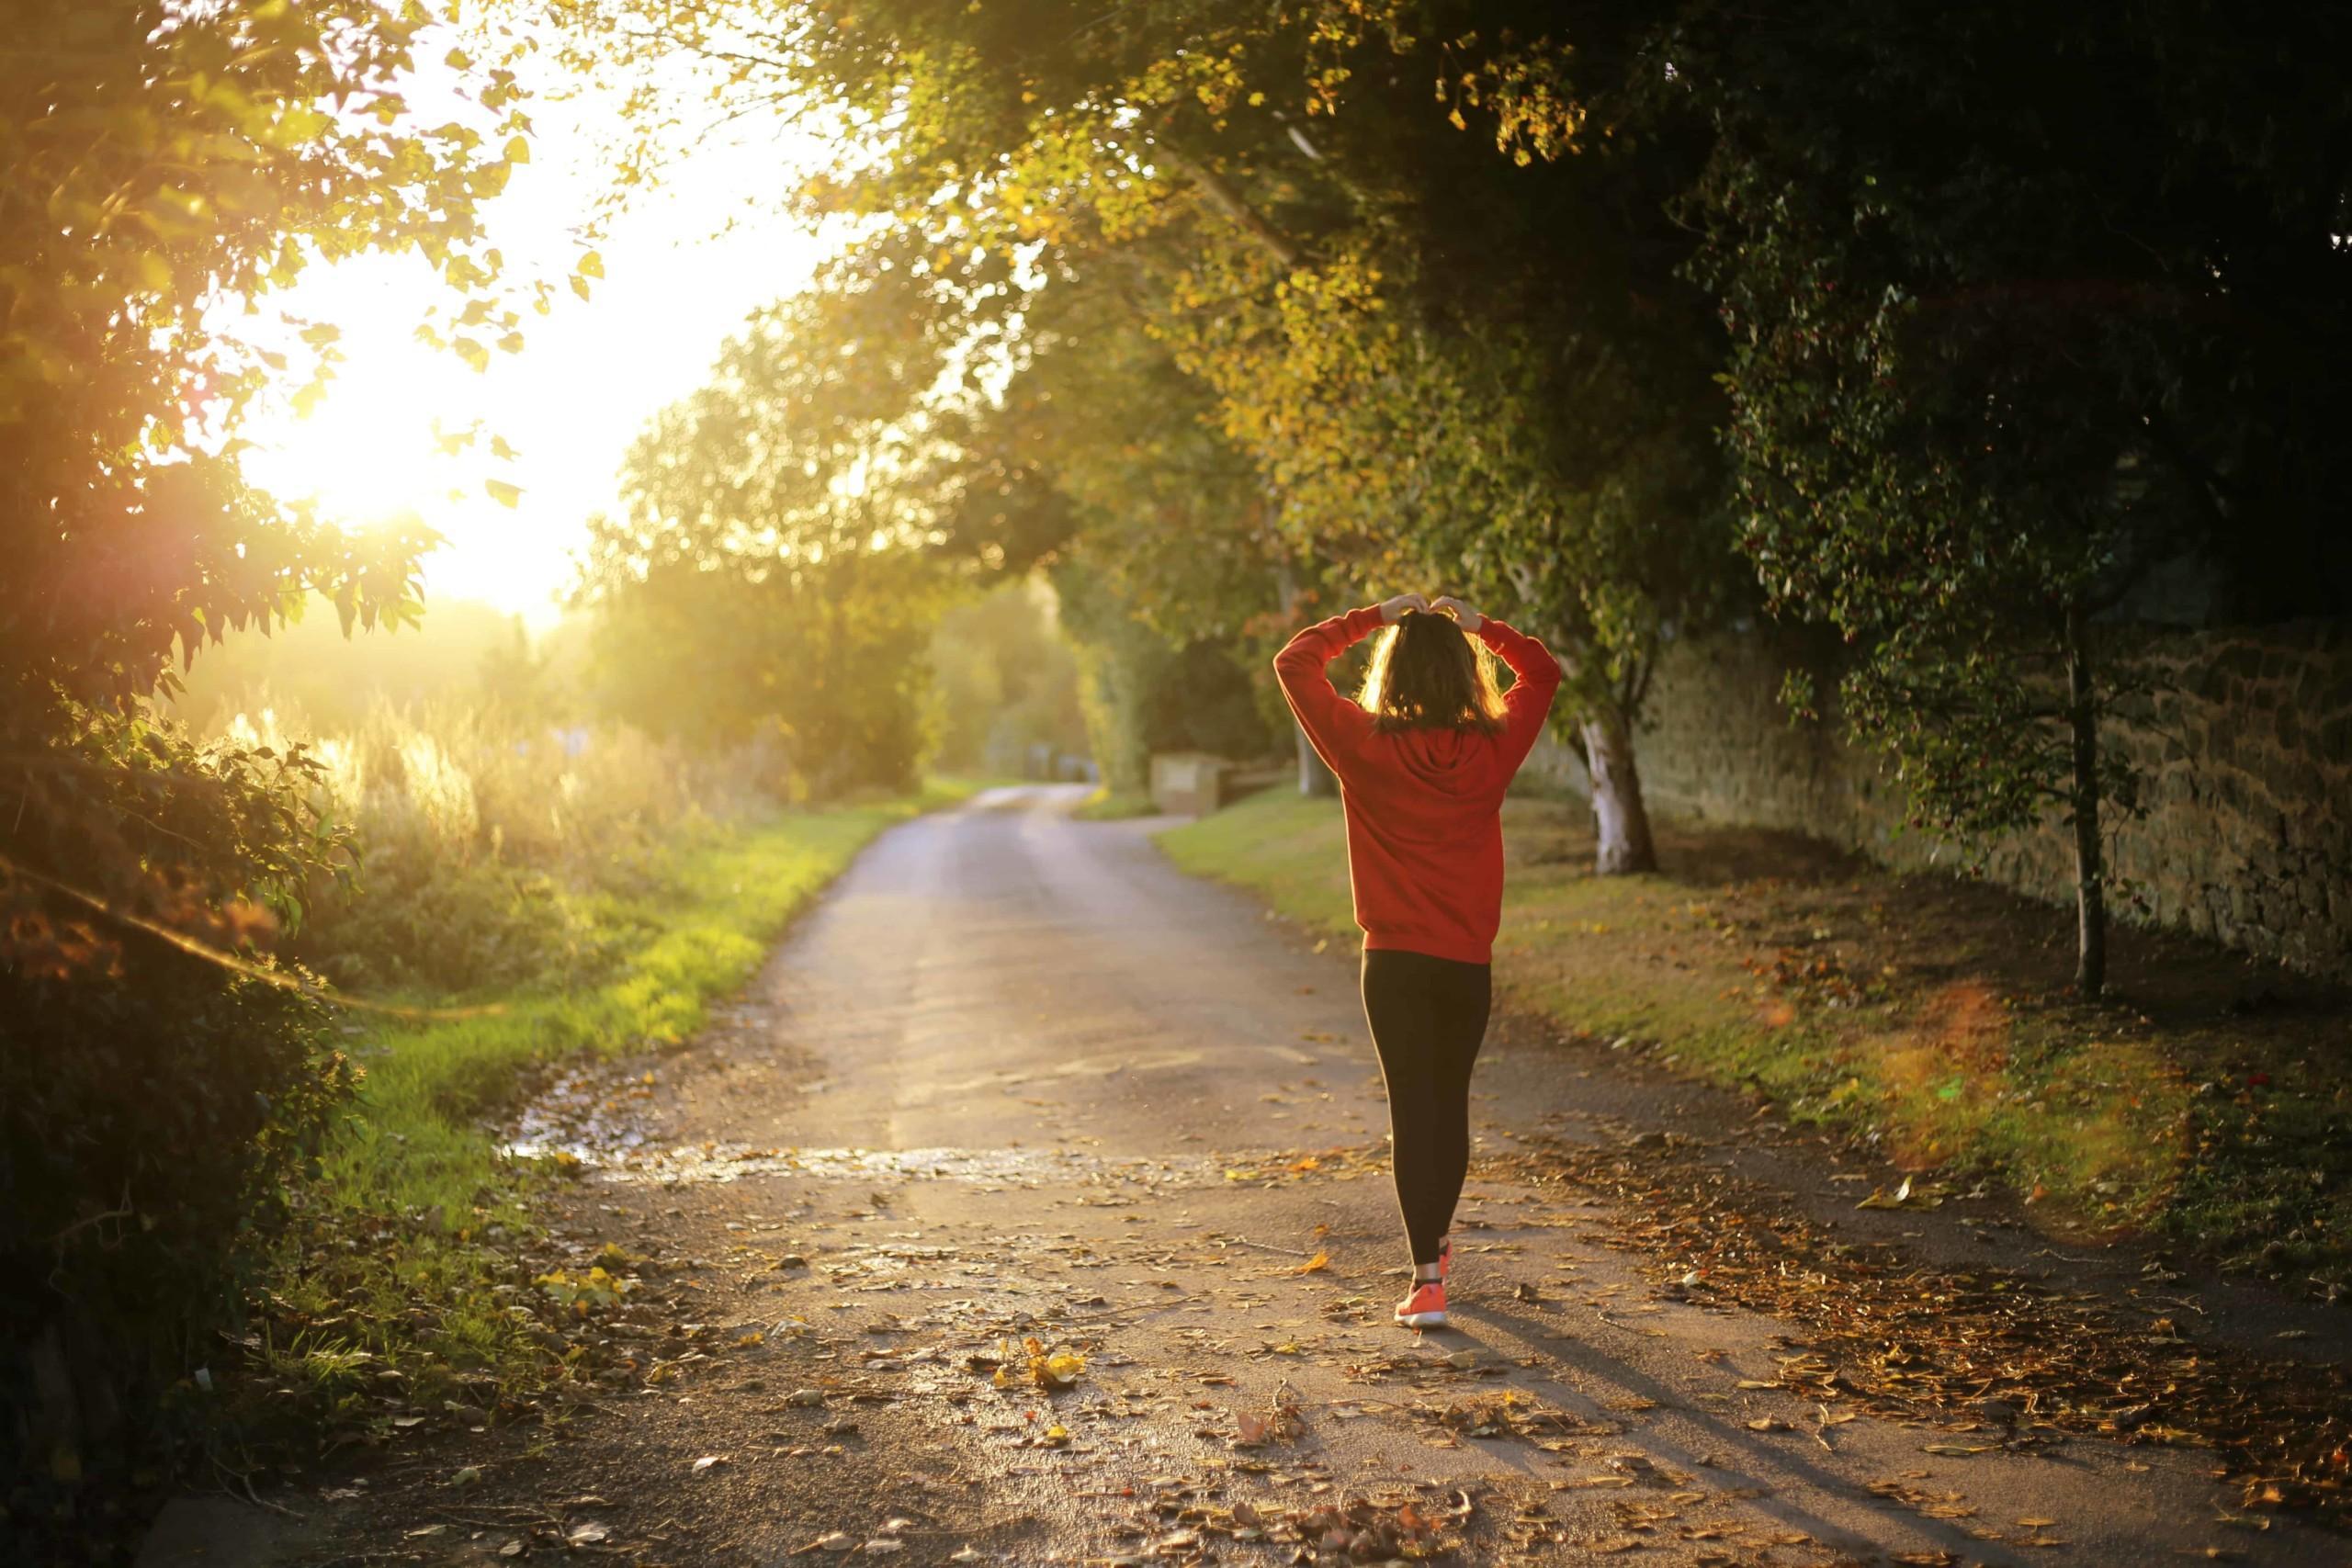 Adaptogeenit ovat tehokkaita elimistön puhdistajia ja tyyneyden tuojia kuten kuvassa olevalla naisella